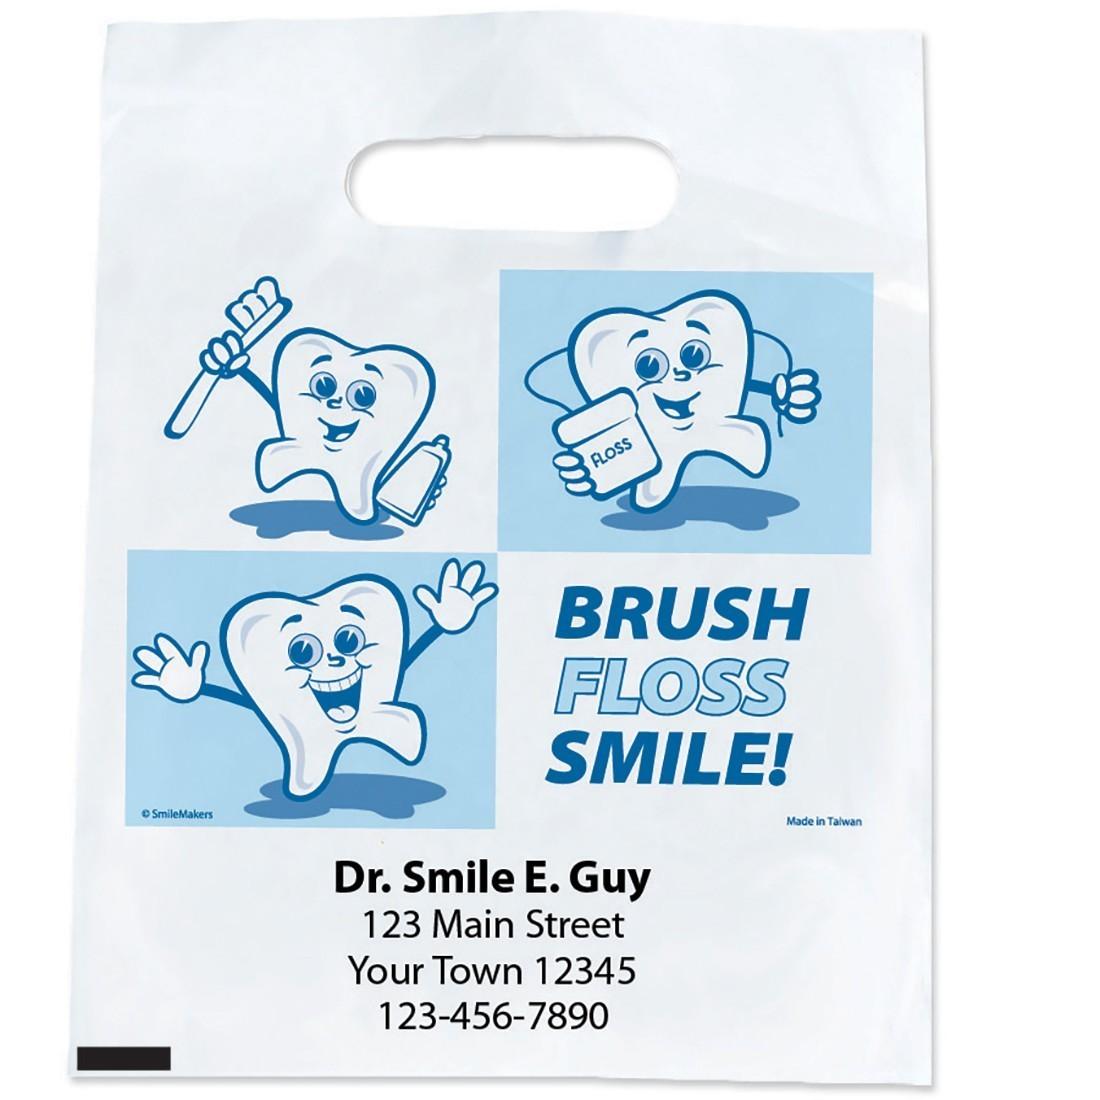 Custom Dancing Tooth Bags [image]